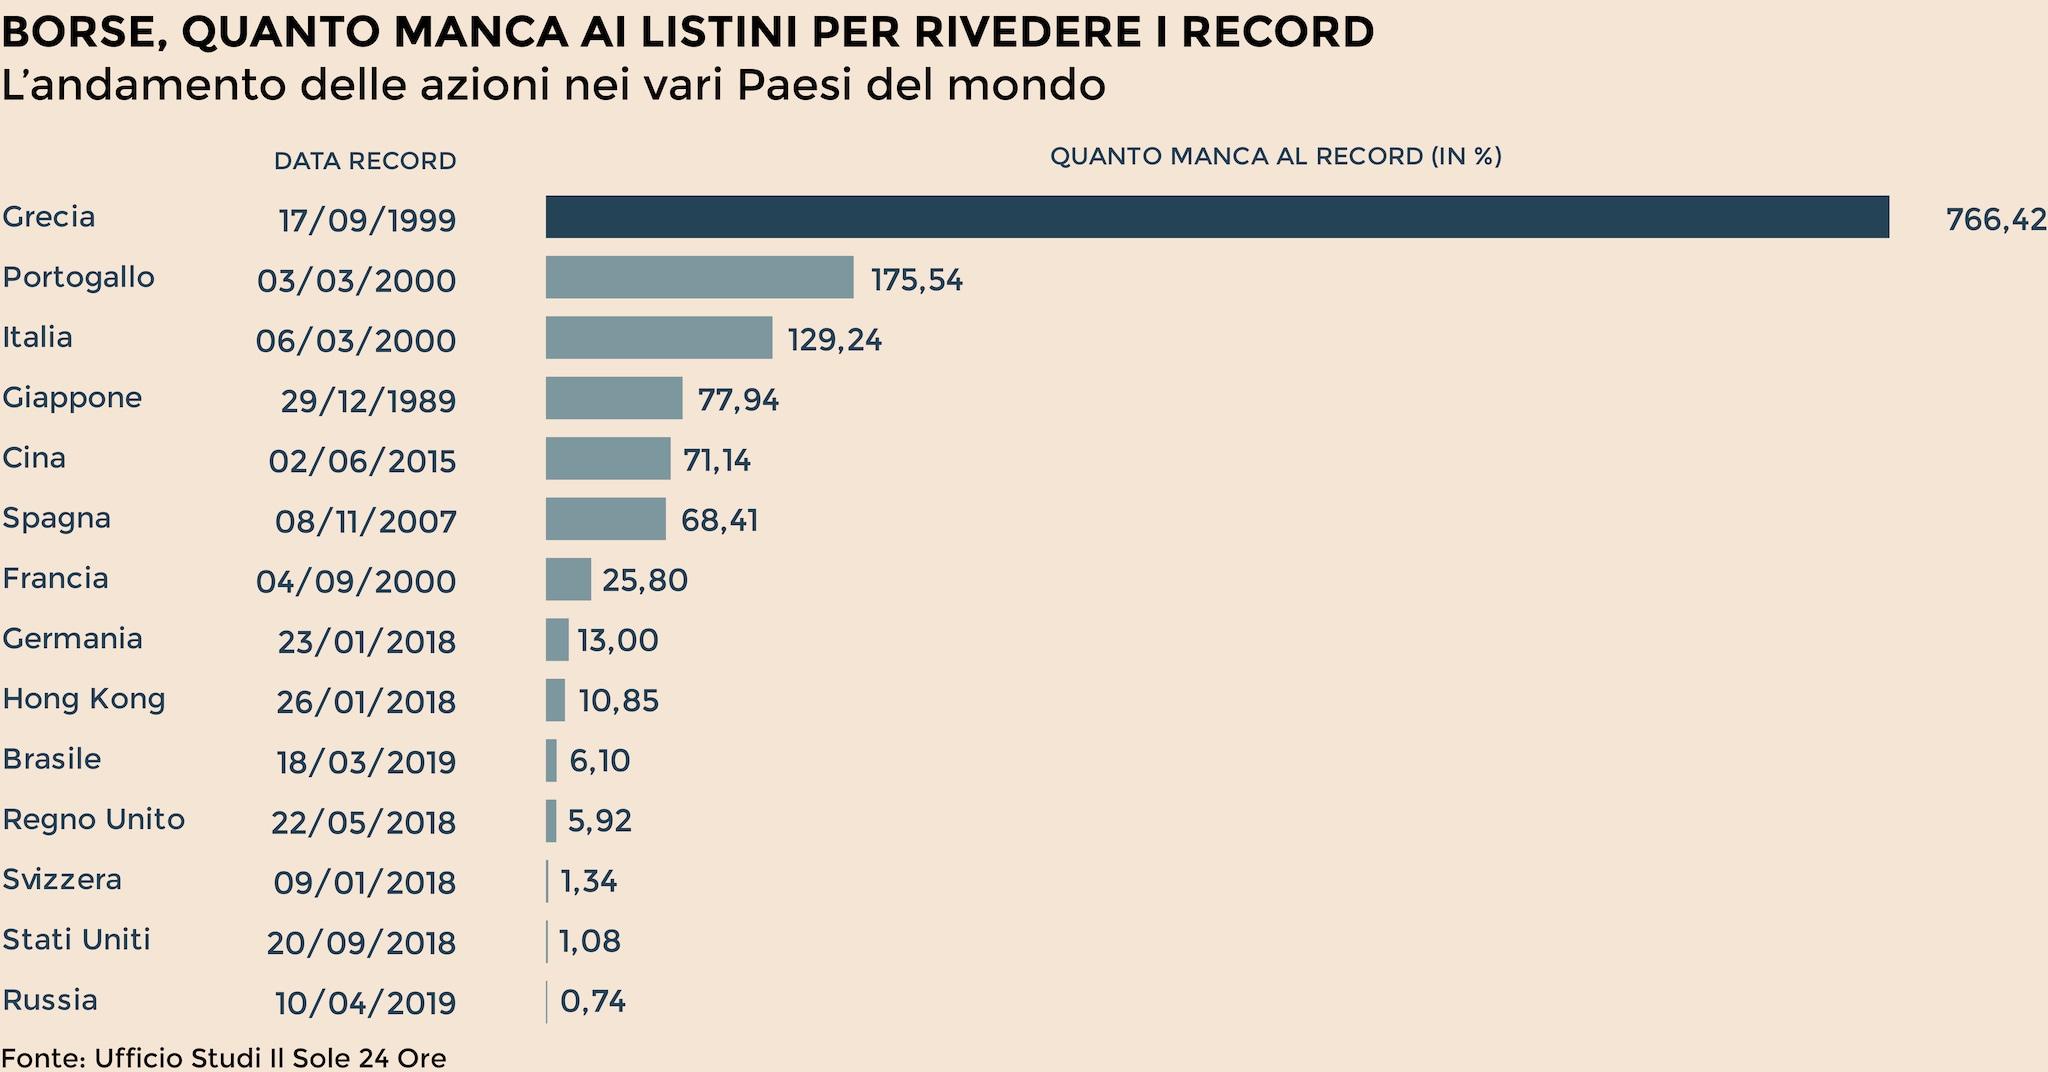 Calendario Borsa Italiana.Borse Quanto Manca Per Rivedere I Massimi A Wall Street L